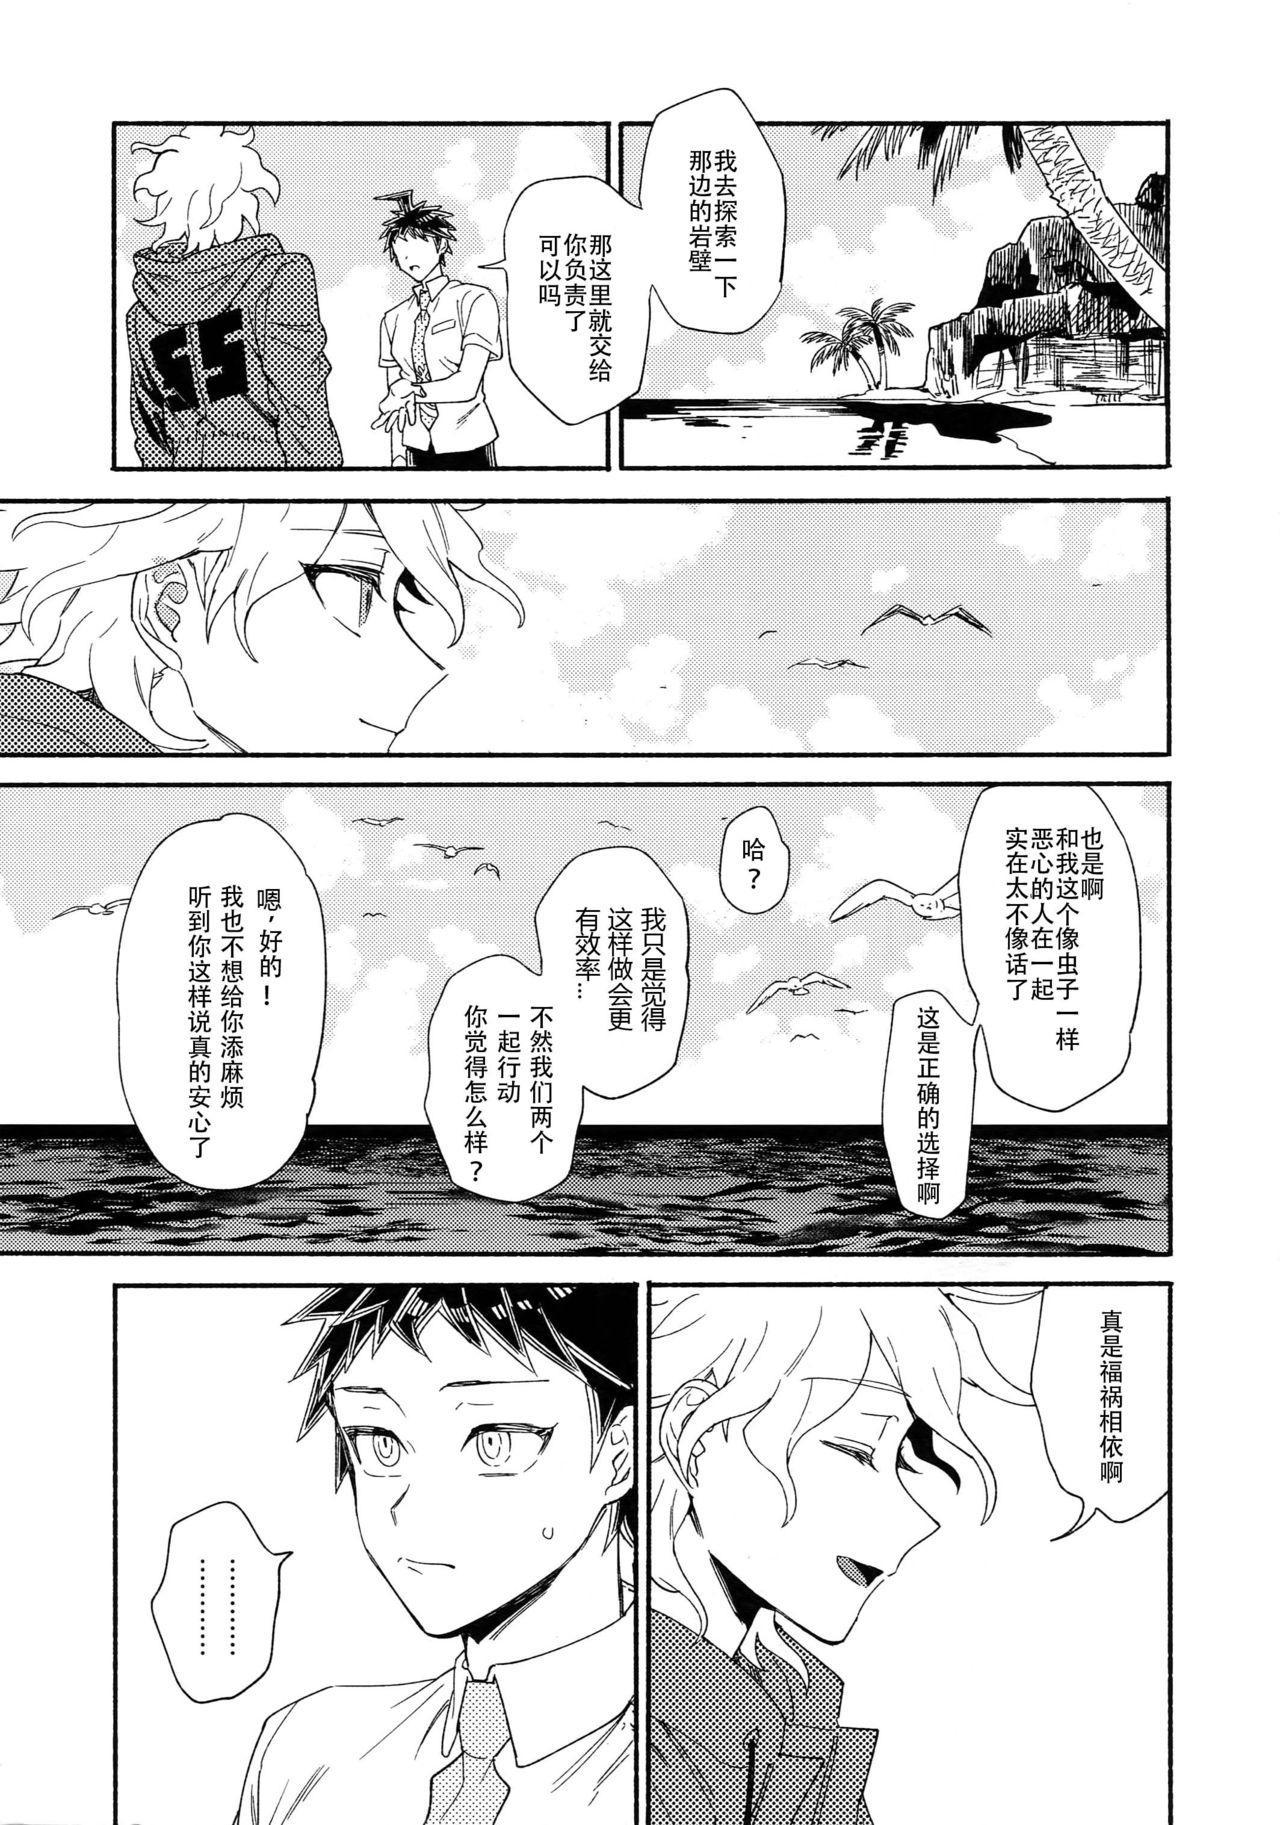 Tsunaide! Shokushu-kun! 连接吧!触手君! 1